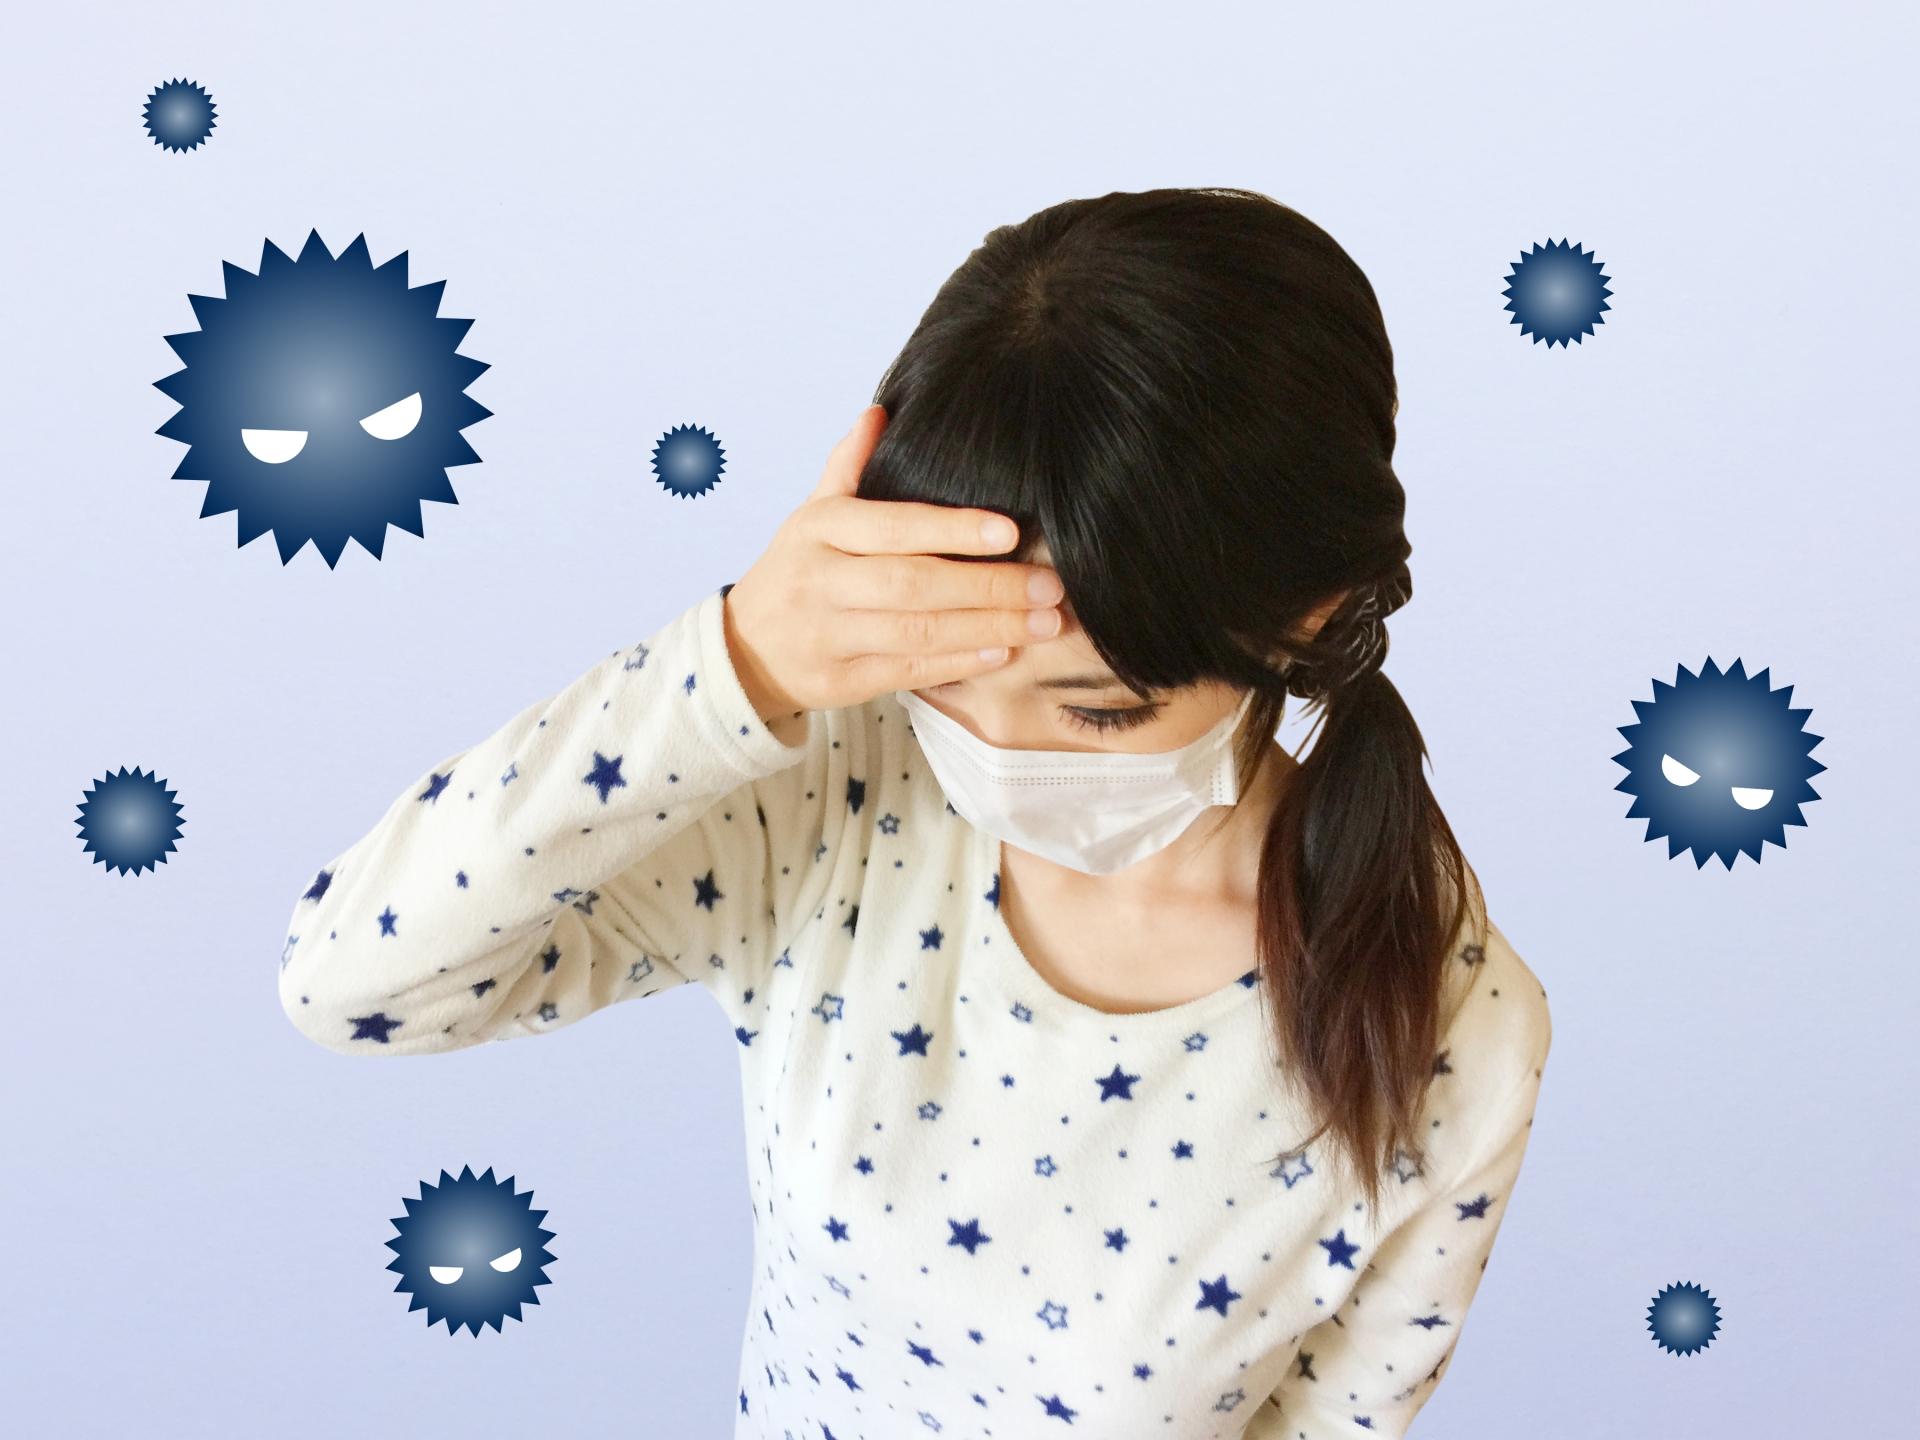 ウイルス感染重症化した女性